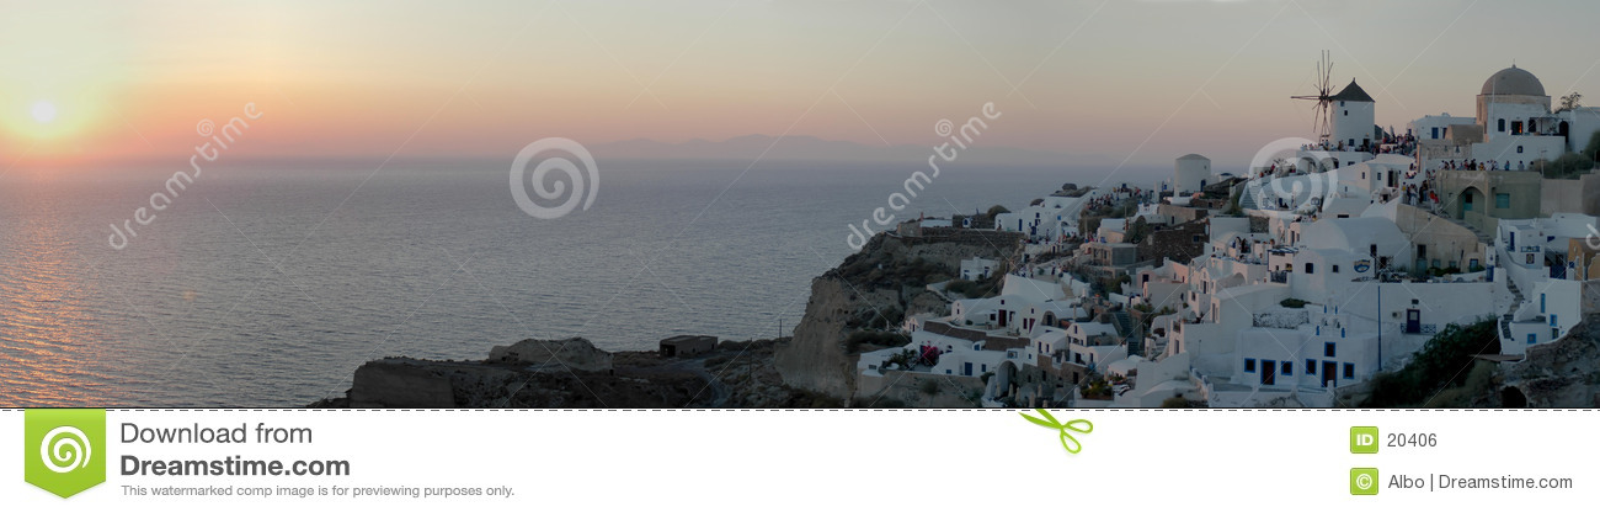 Solnedgång för mp oia för 30 bild